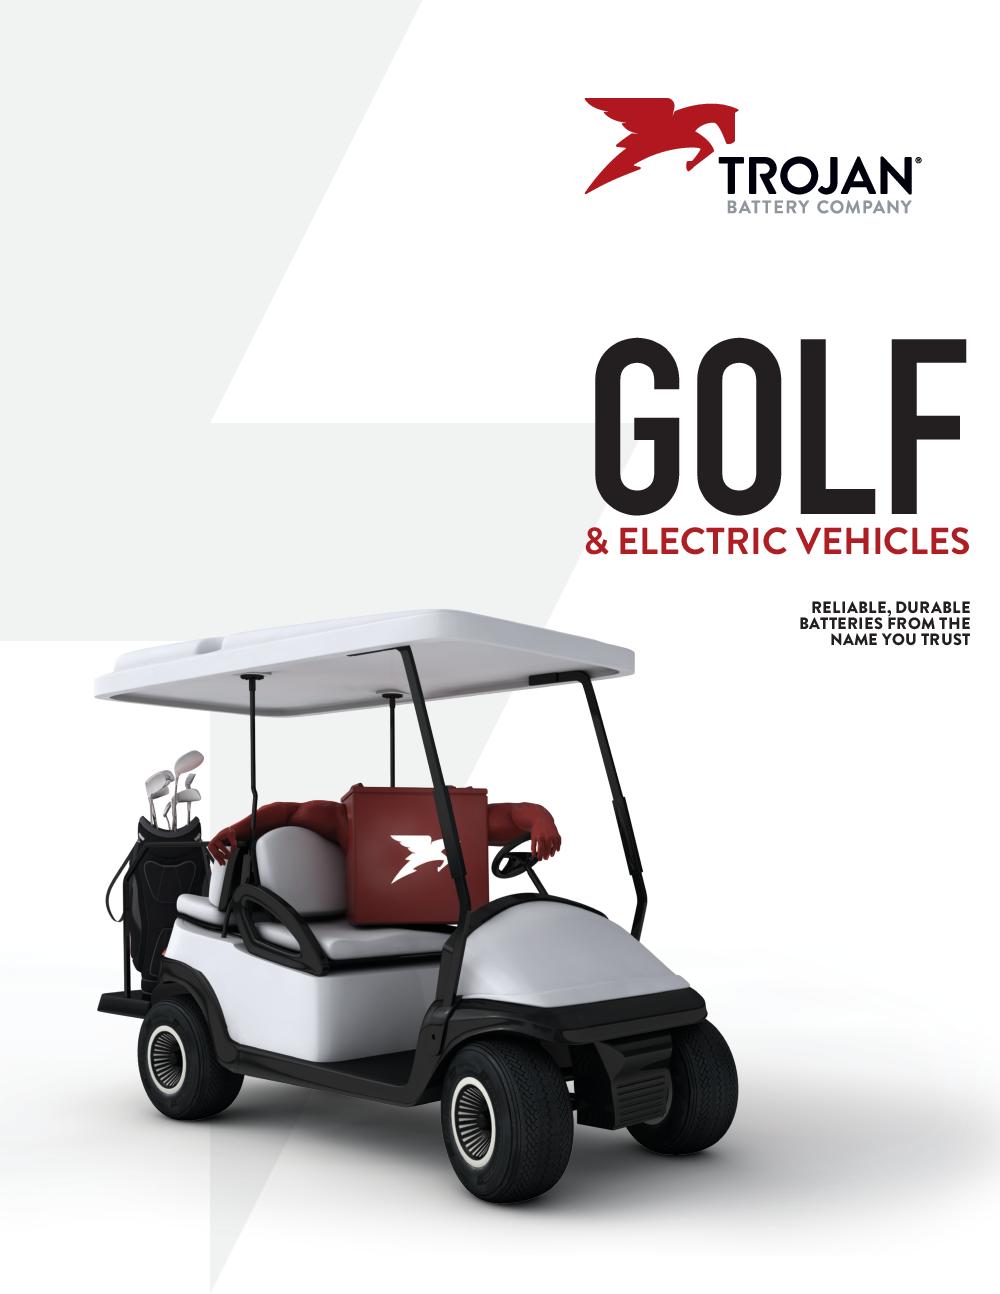 TrojanBattery_EV_brochure